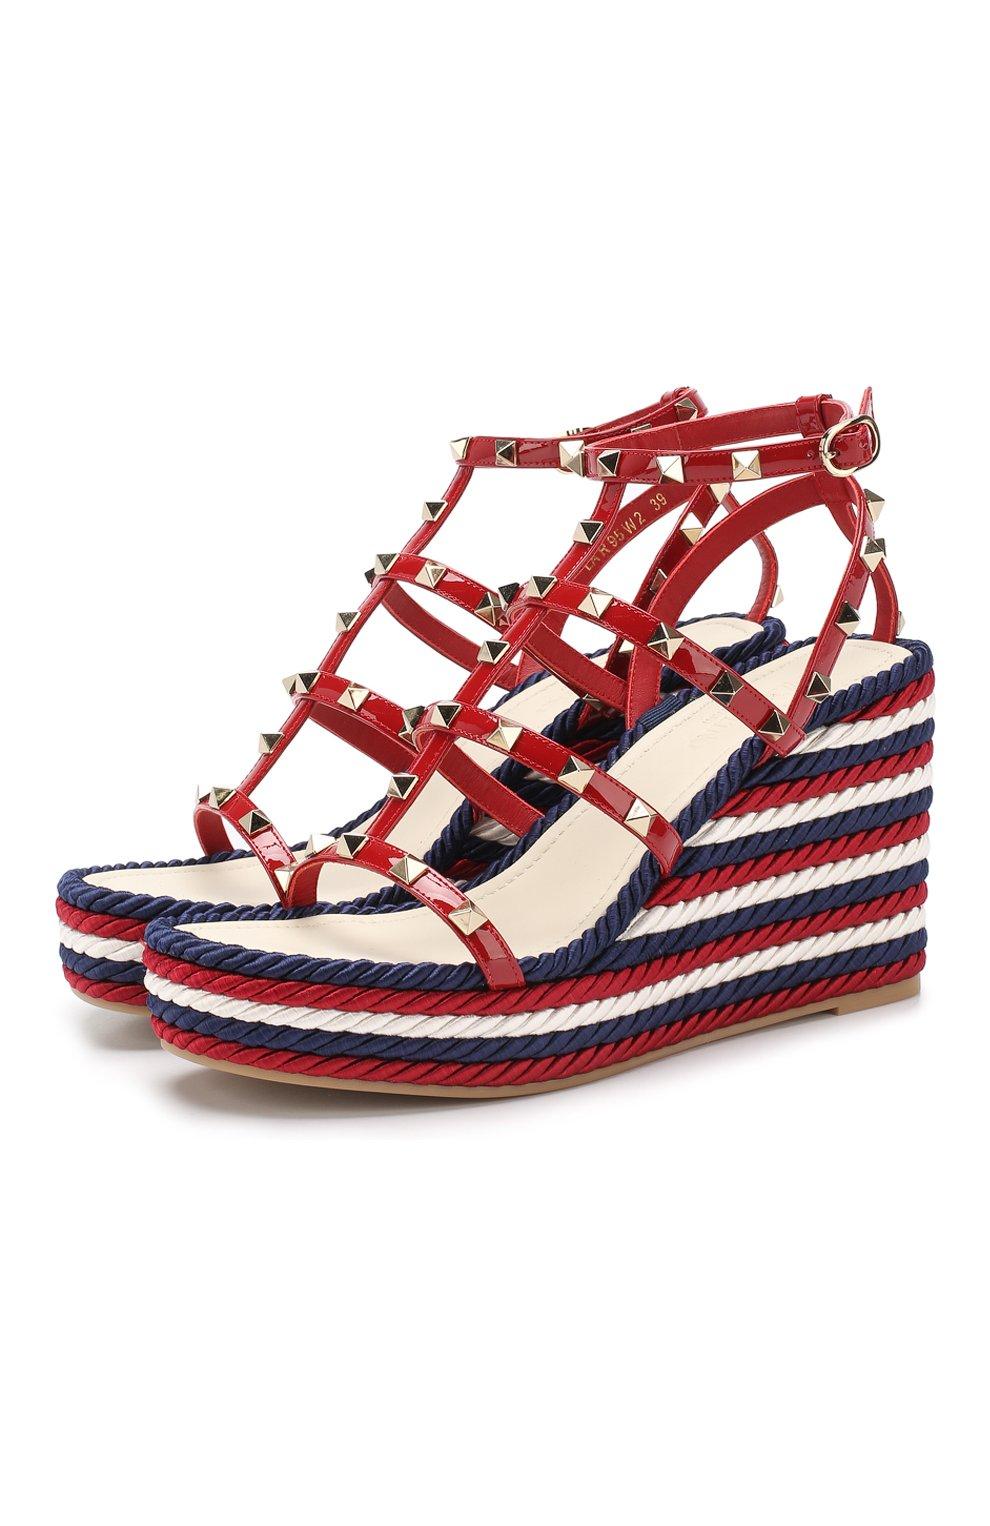 d43a2486b5d1 Женская обувь Valentino по цене от 16 500 руб. купить в интернет-магазине  ЦУМ